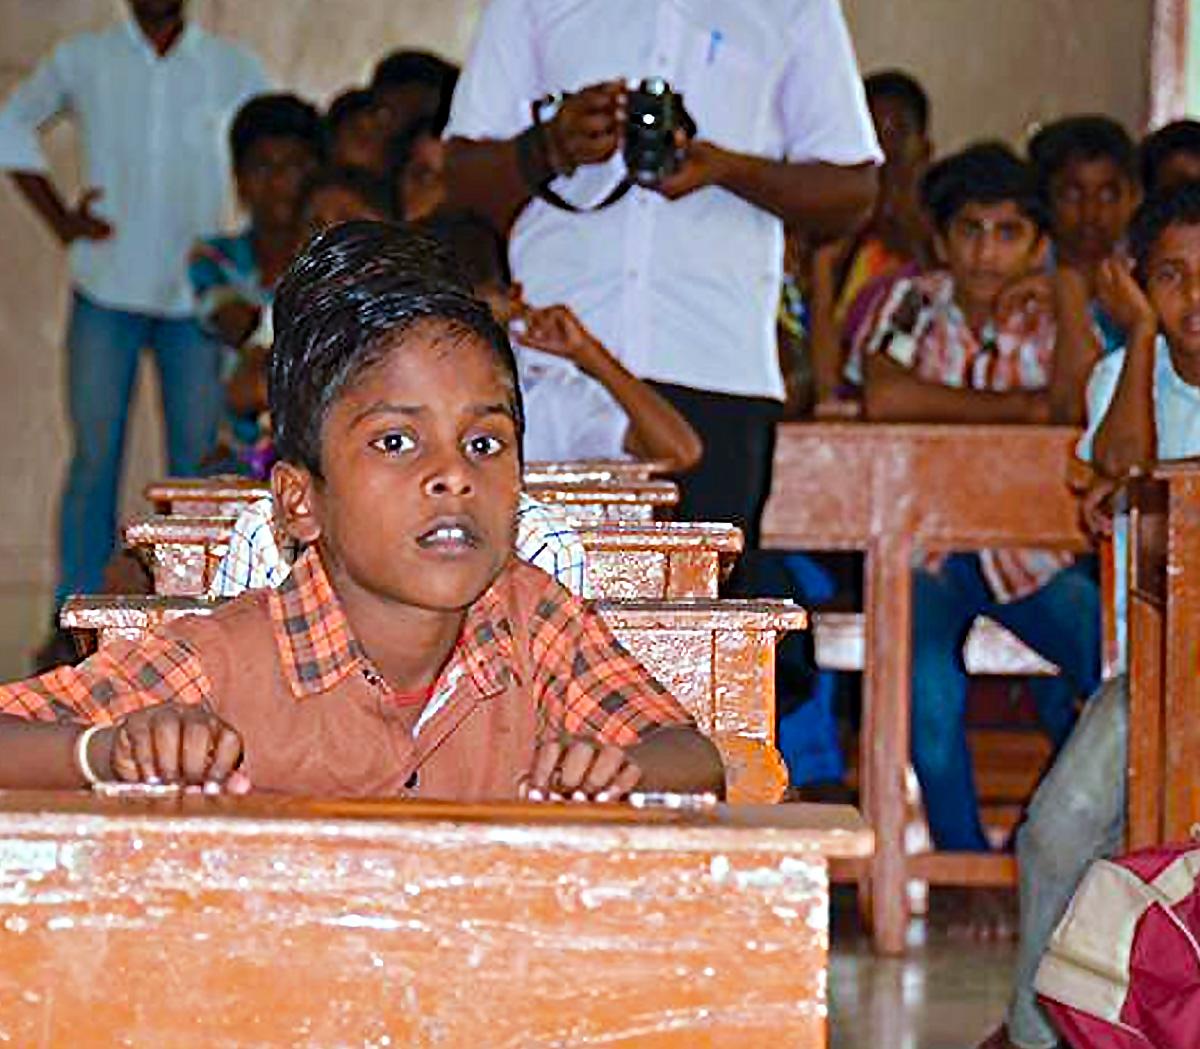 Ci baciamo a settembre di Marco Erba per la scuola salesiana in India